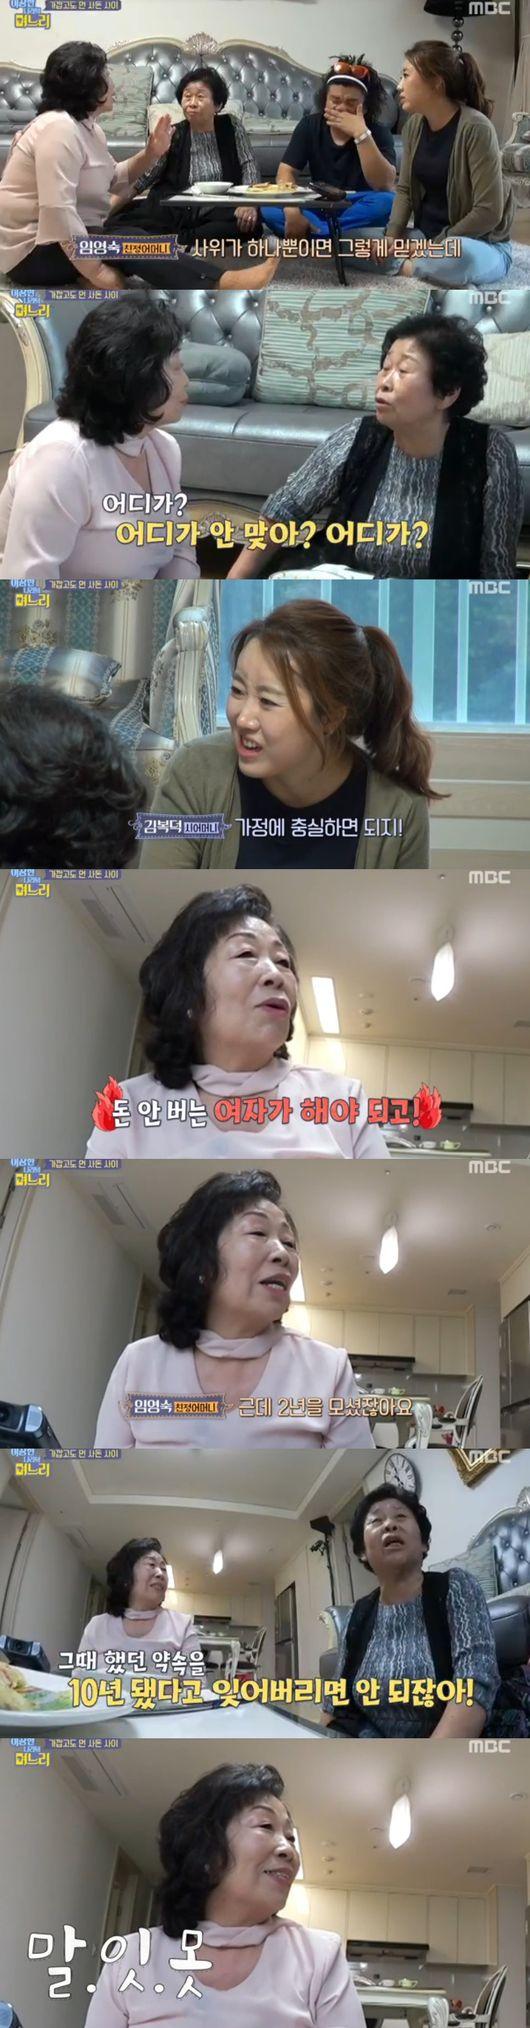 이나리 오정태·백아영, 양母까지 양보없는 합가전쟁ing [Oh!쎈 리뷰]